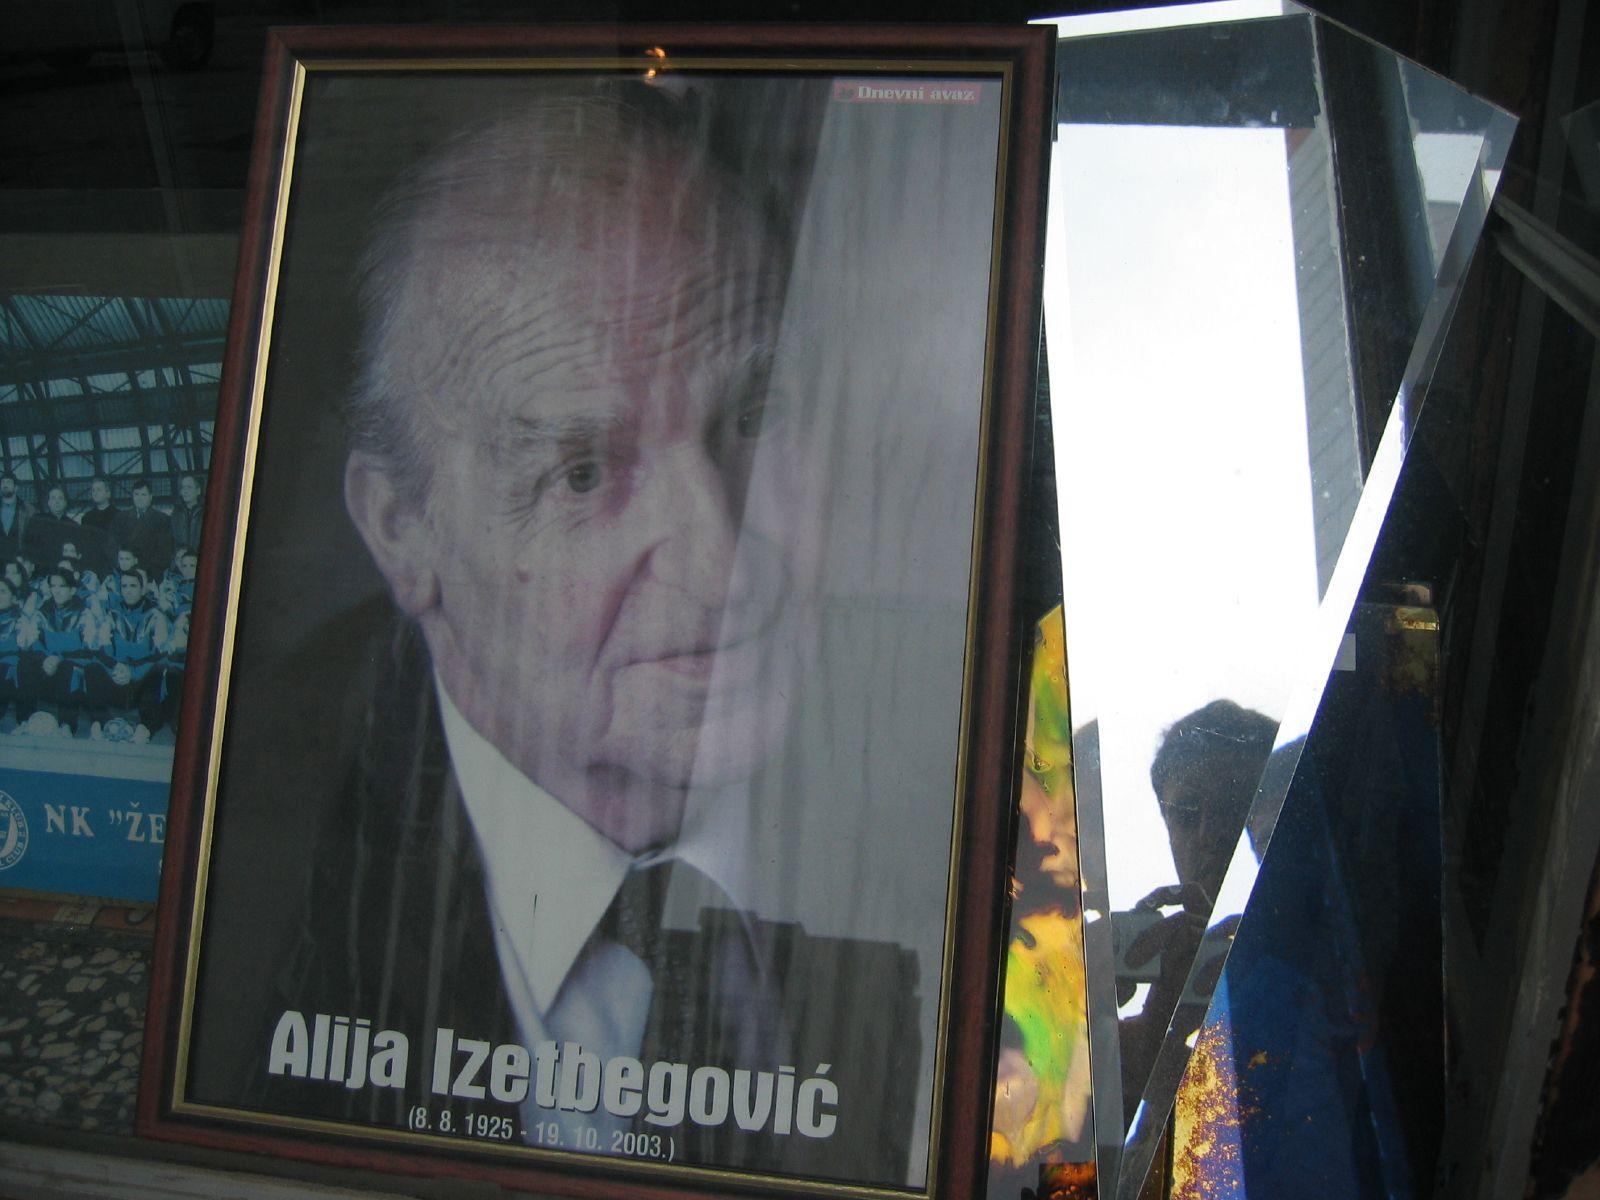 Alija Izetbegovic